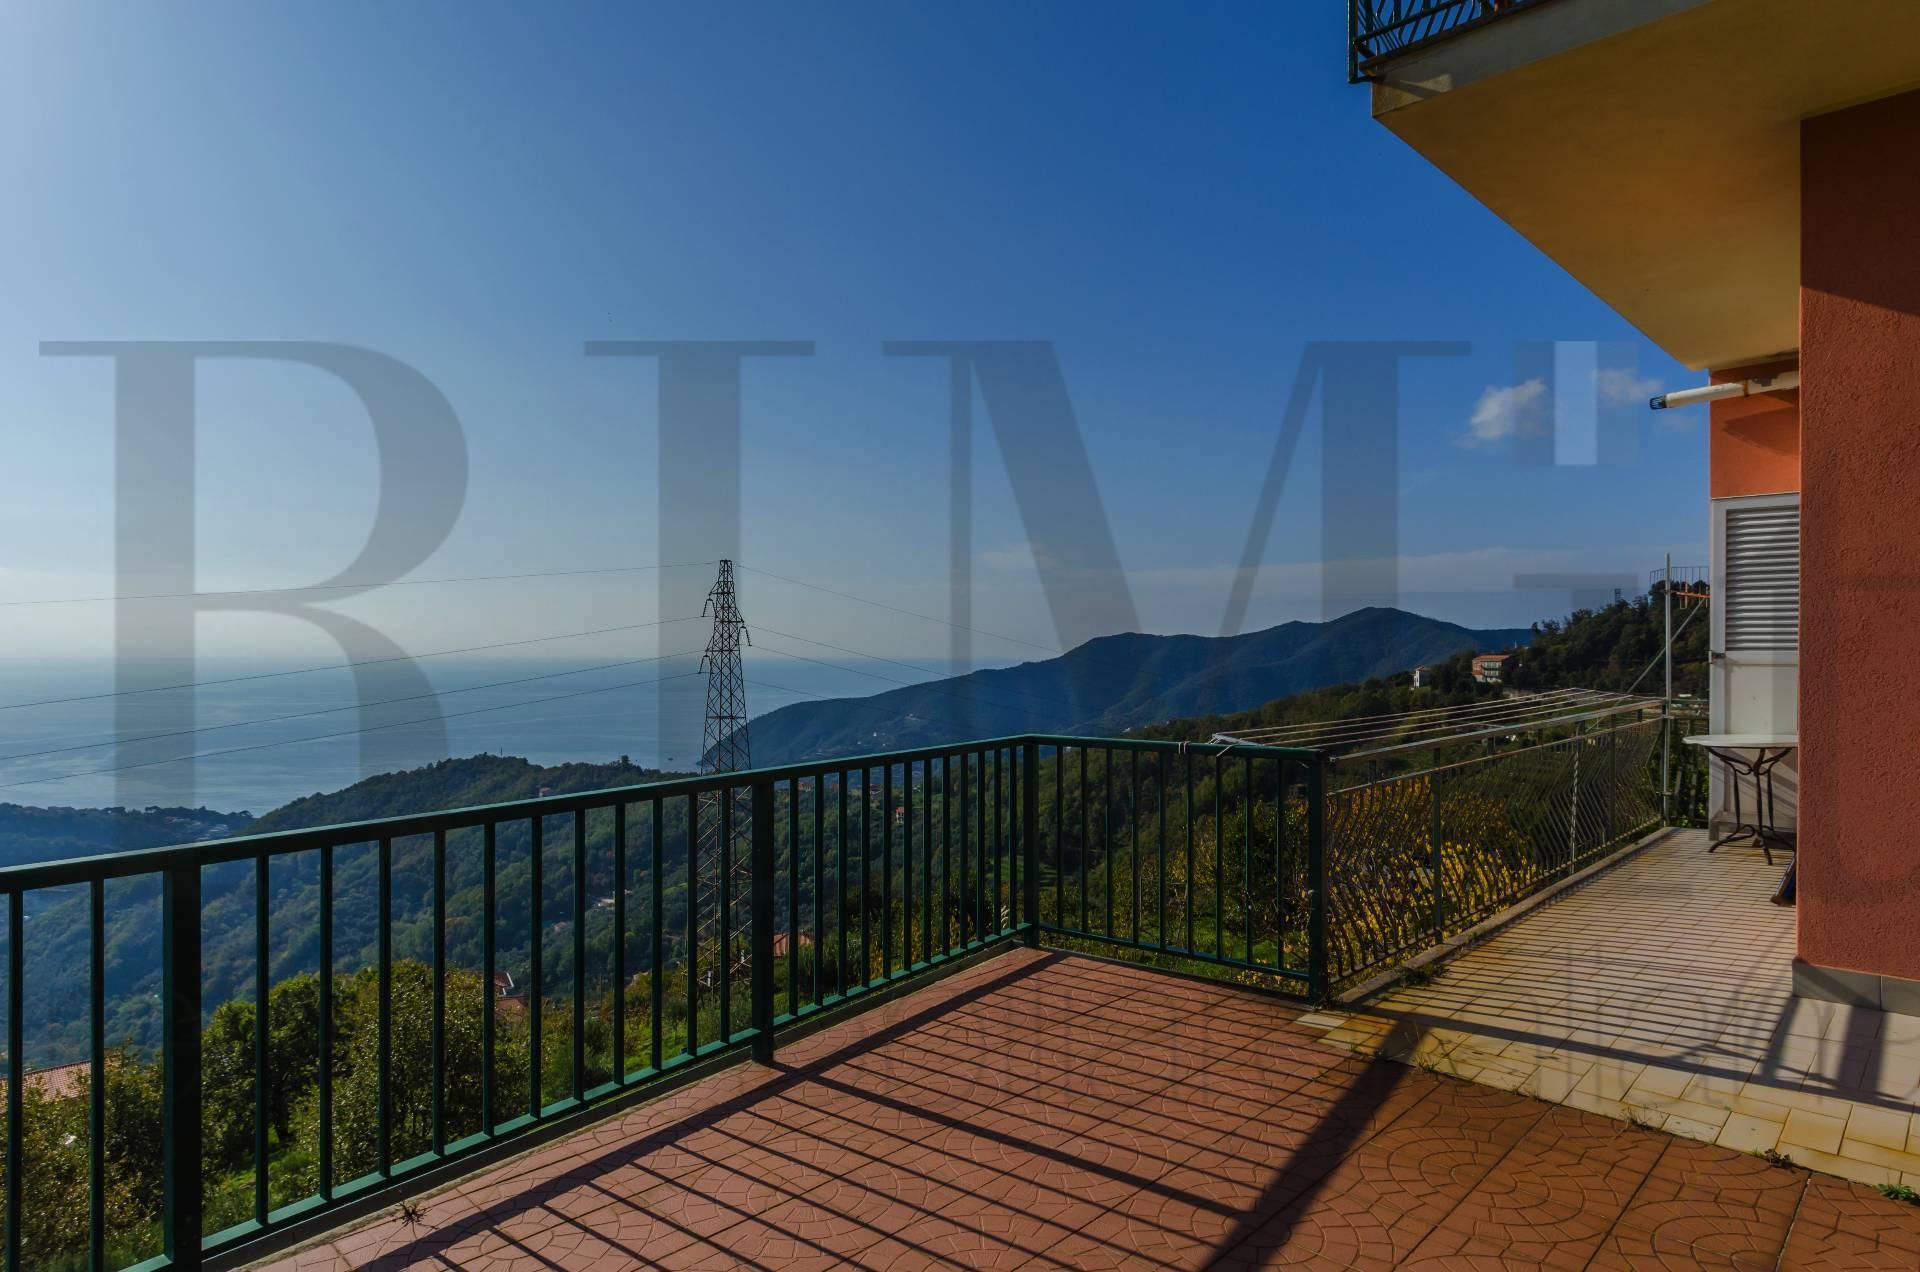 Appartamento in affitto a Moneglia, 4 locali, zona co, prezzo € 450 | PortaleAgenzieImmobiliari.it